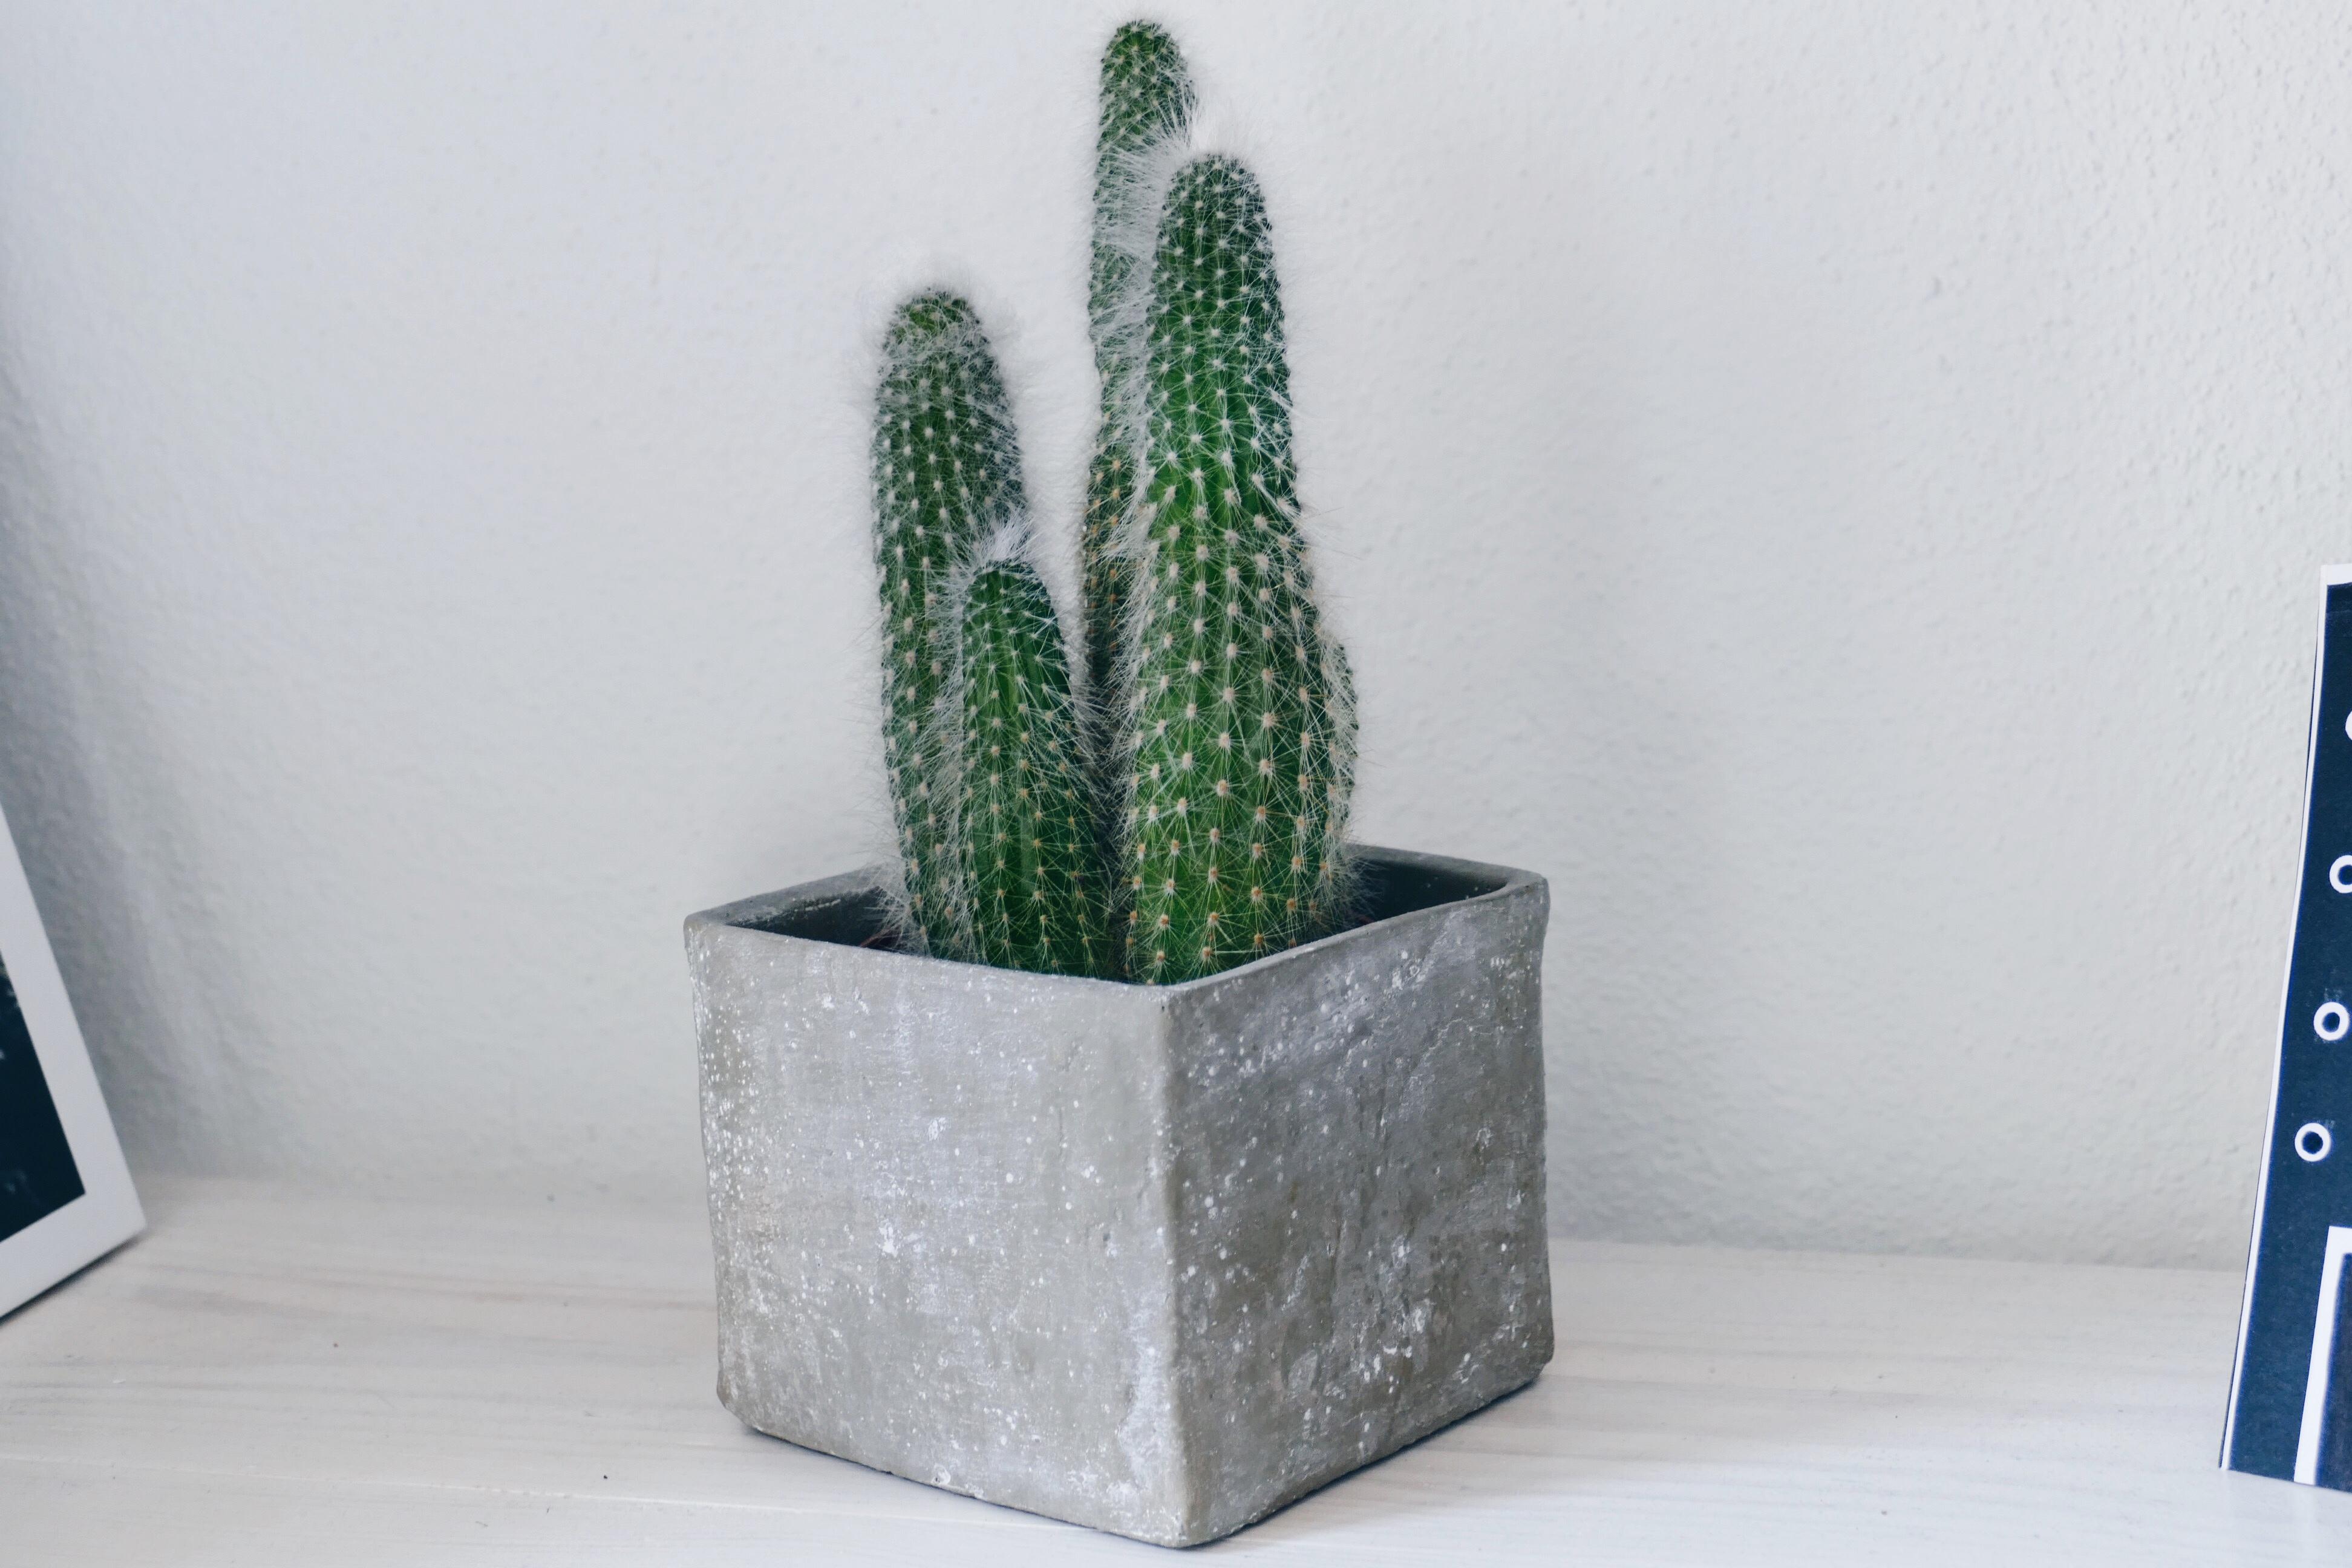 Geschenke im Kaktus-Stil – tolle Kaktus Geschenkideen